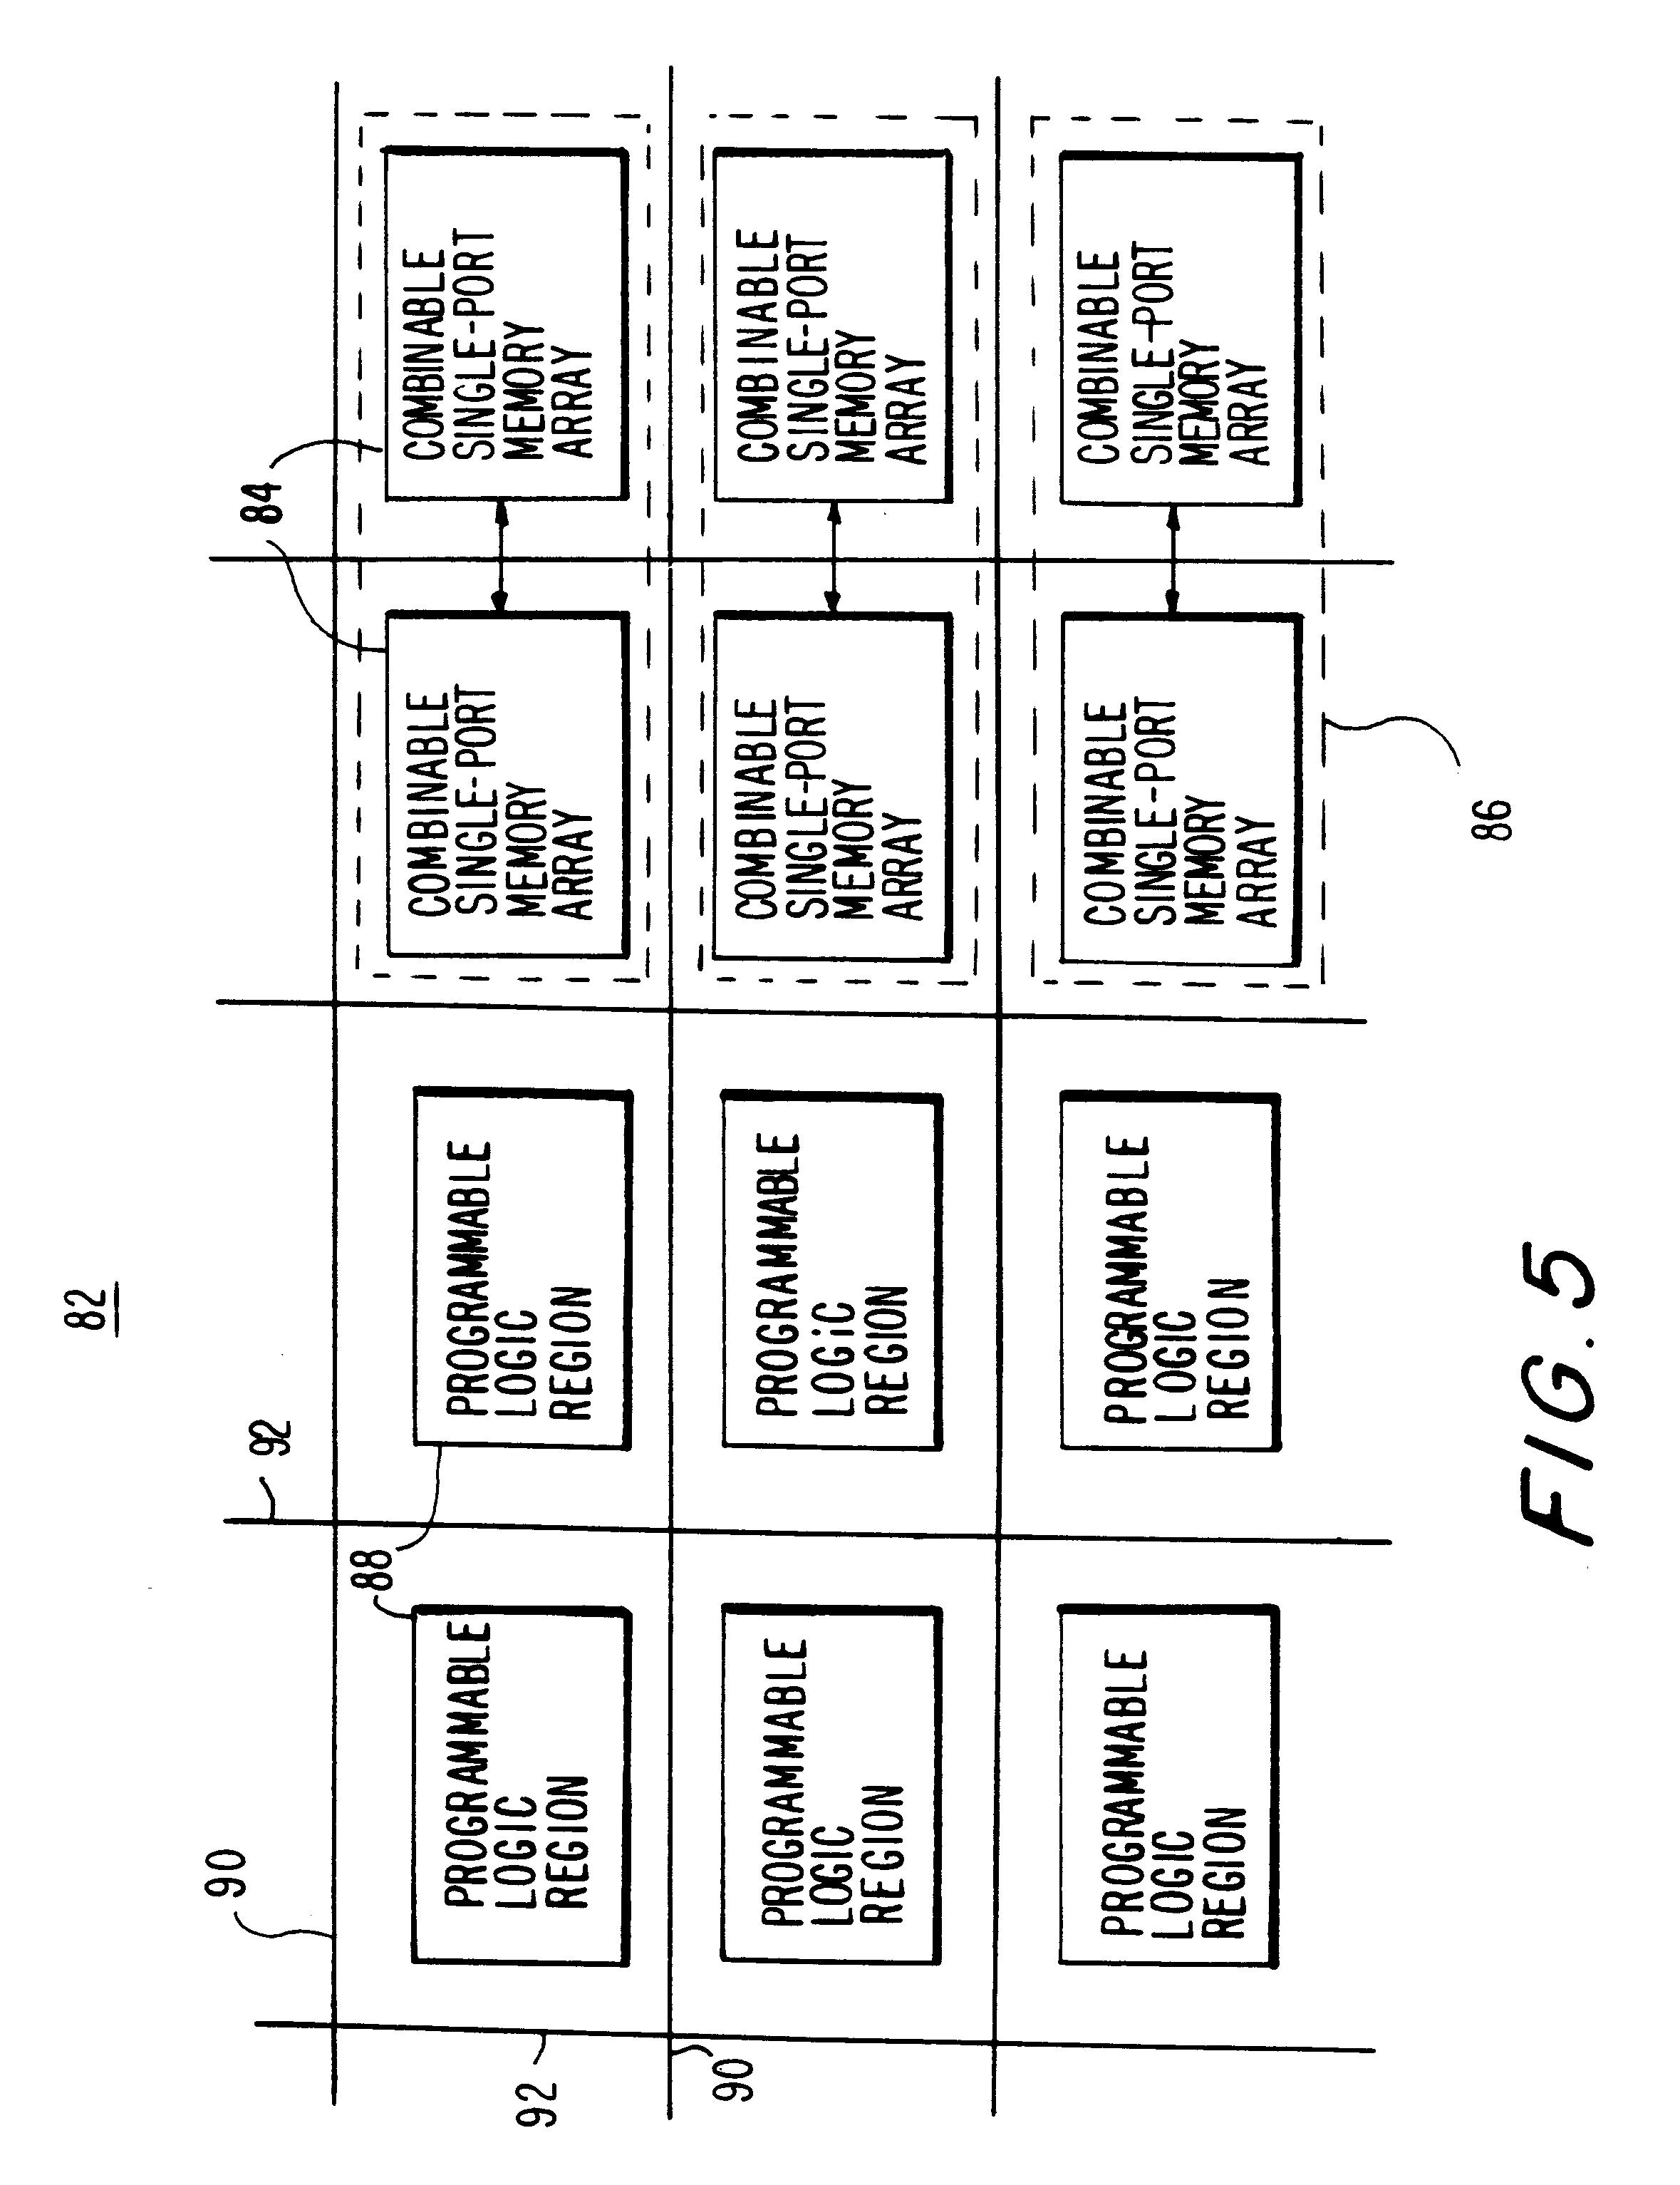 patent us6191998